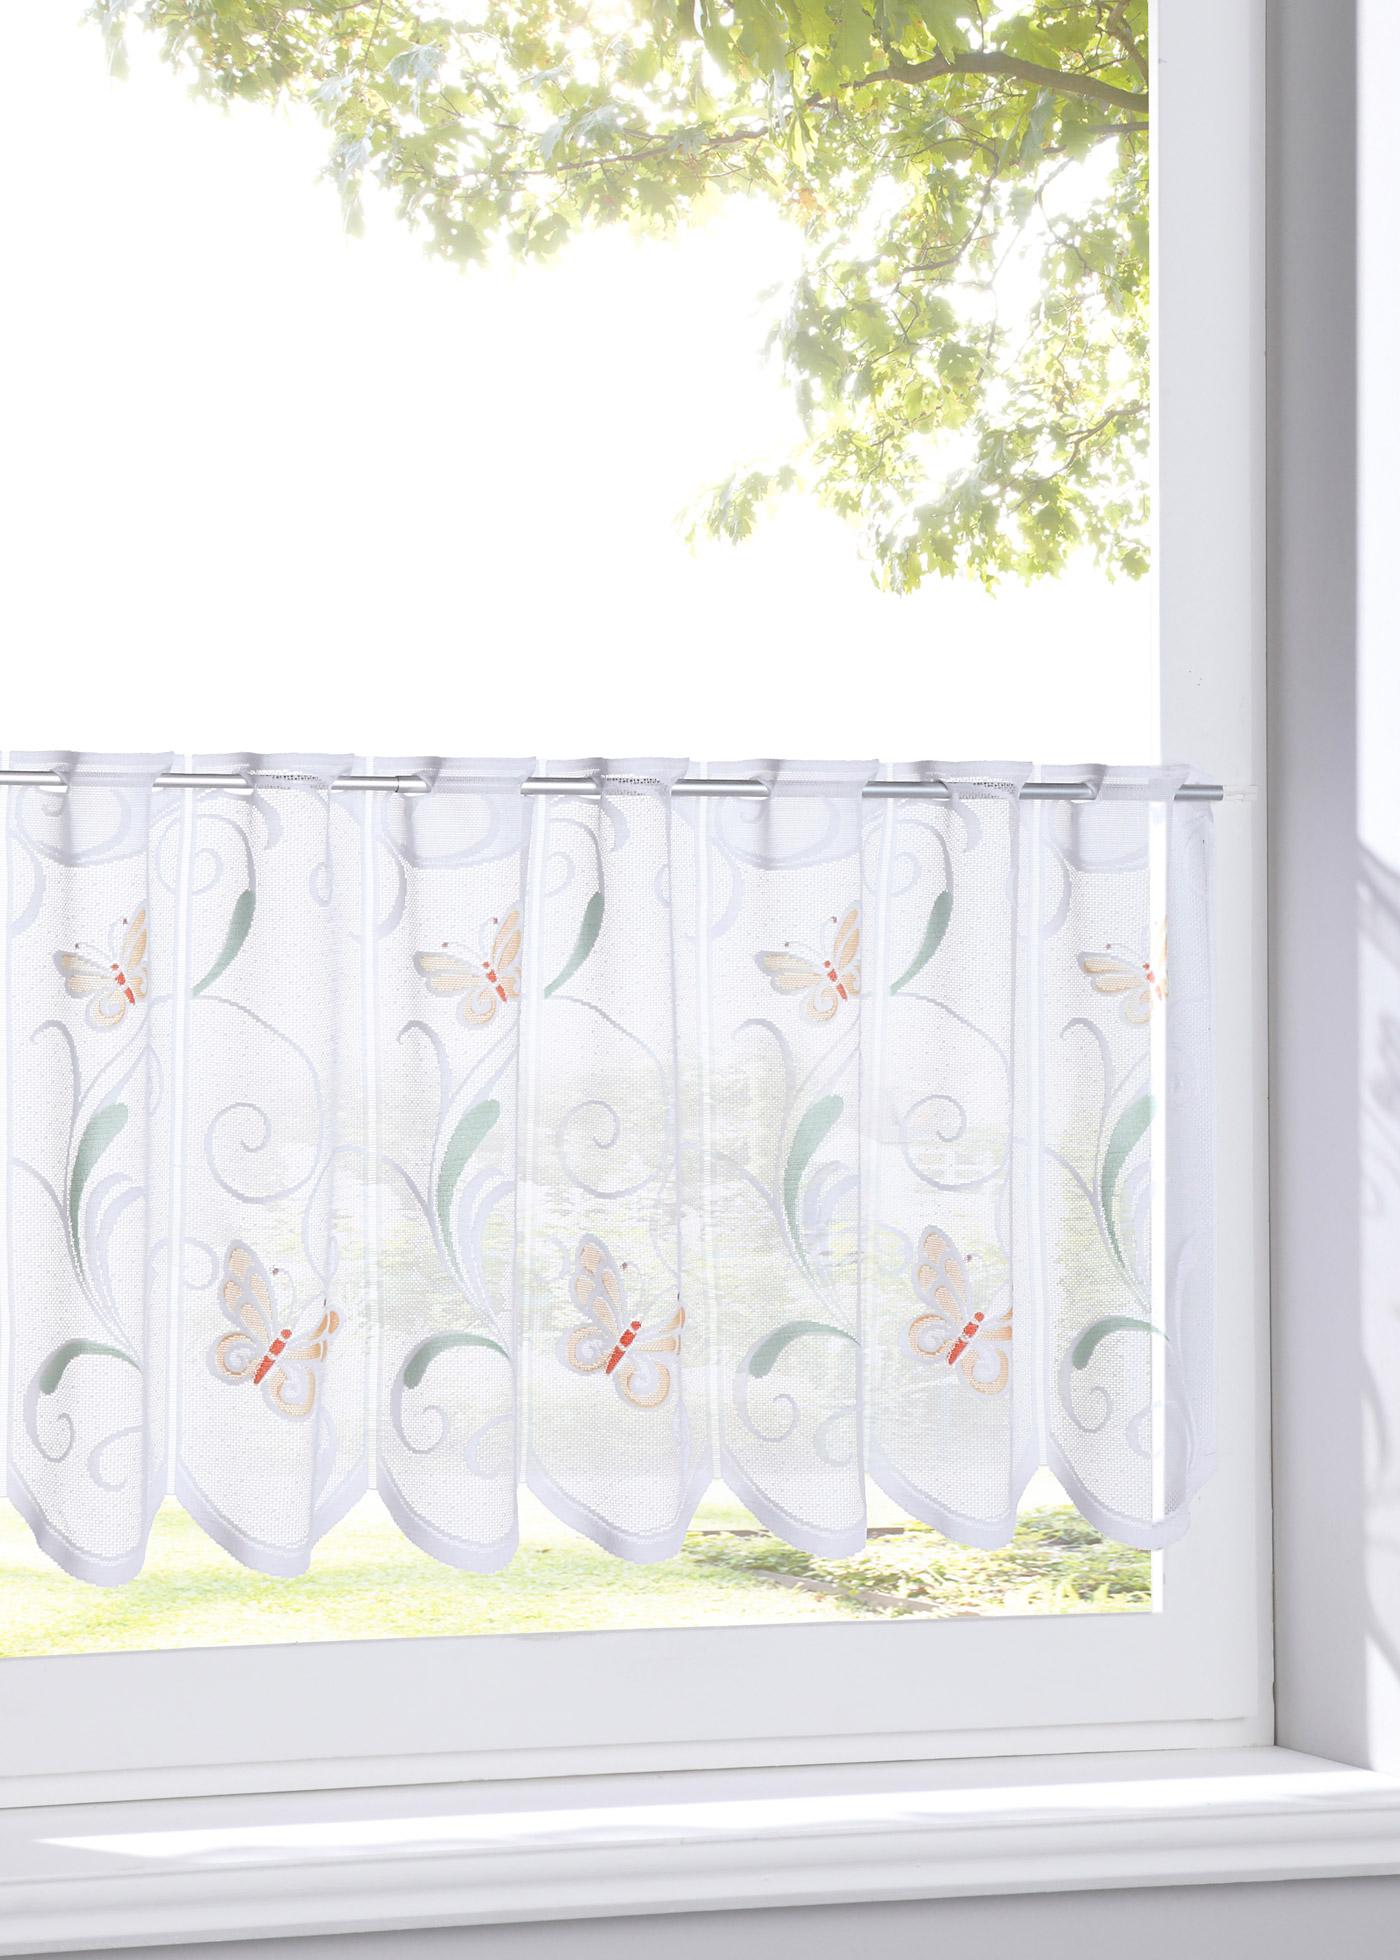 Vitrážková záclona ''Motýl'' - Bílá